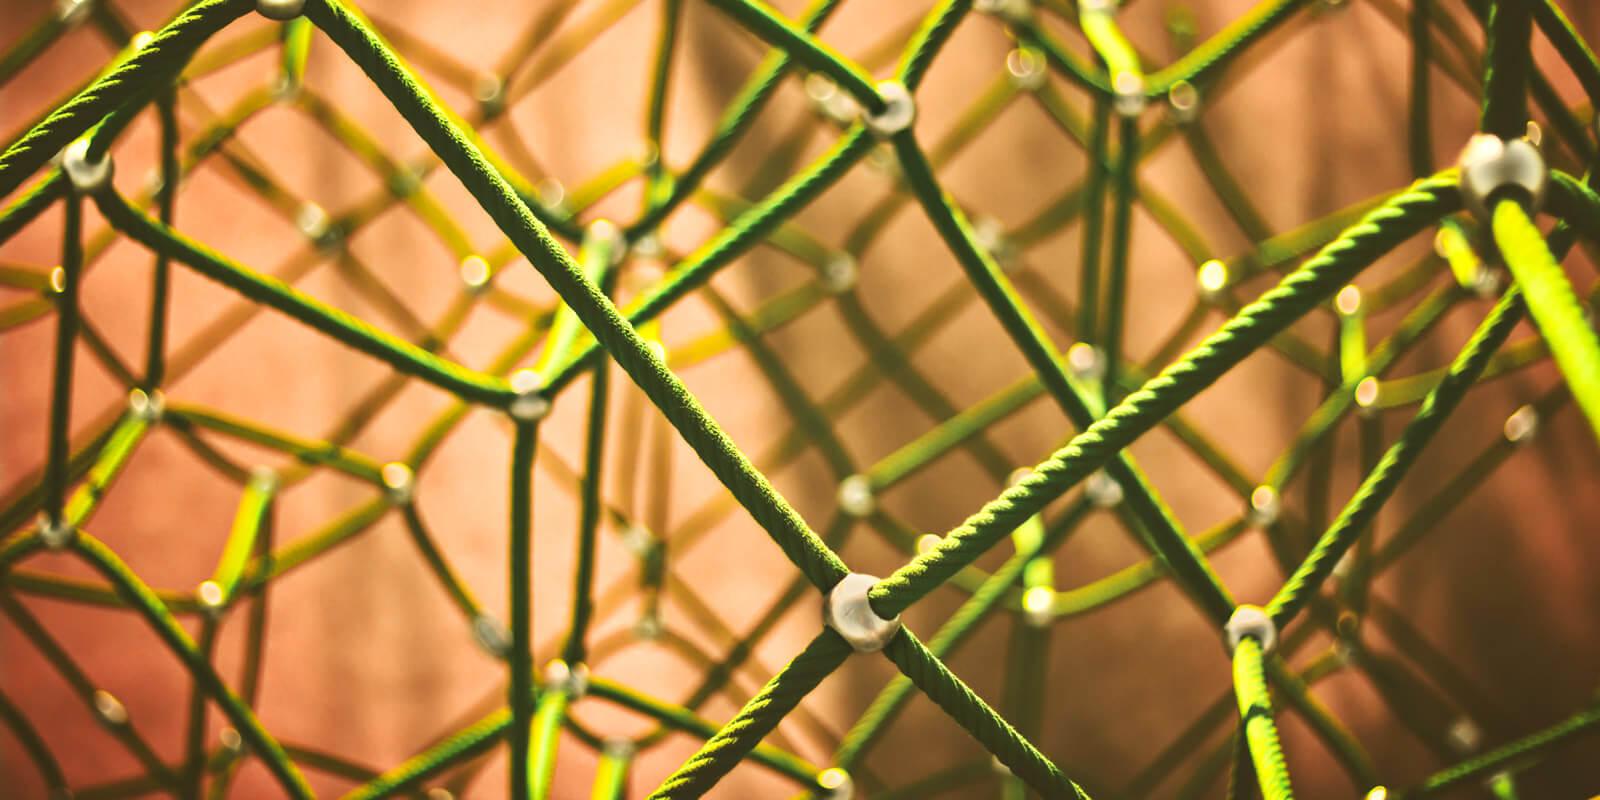 Grüne Seile werden komplex durch Knoten miteinander verbunden